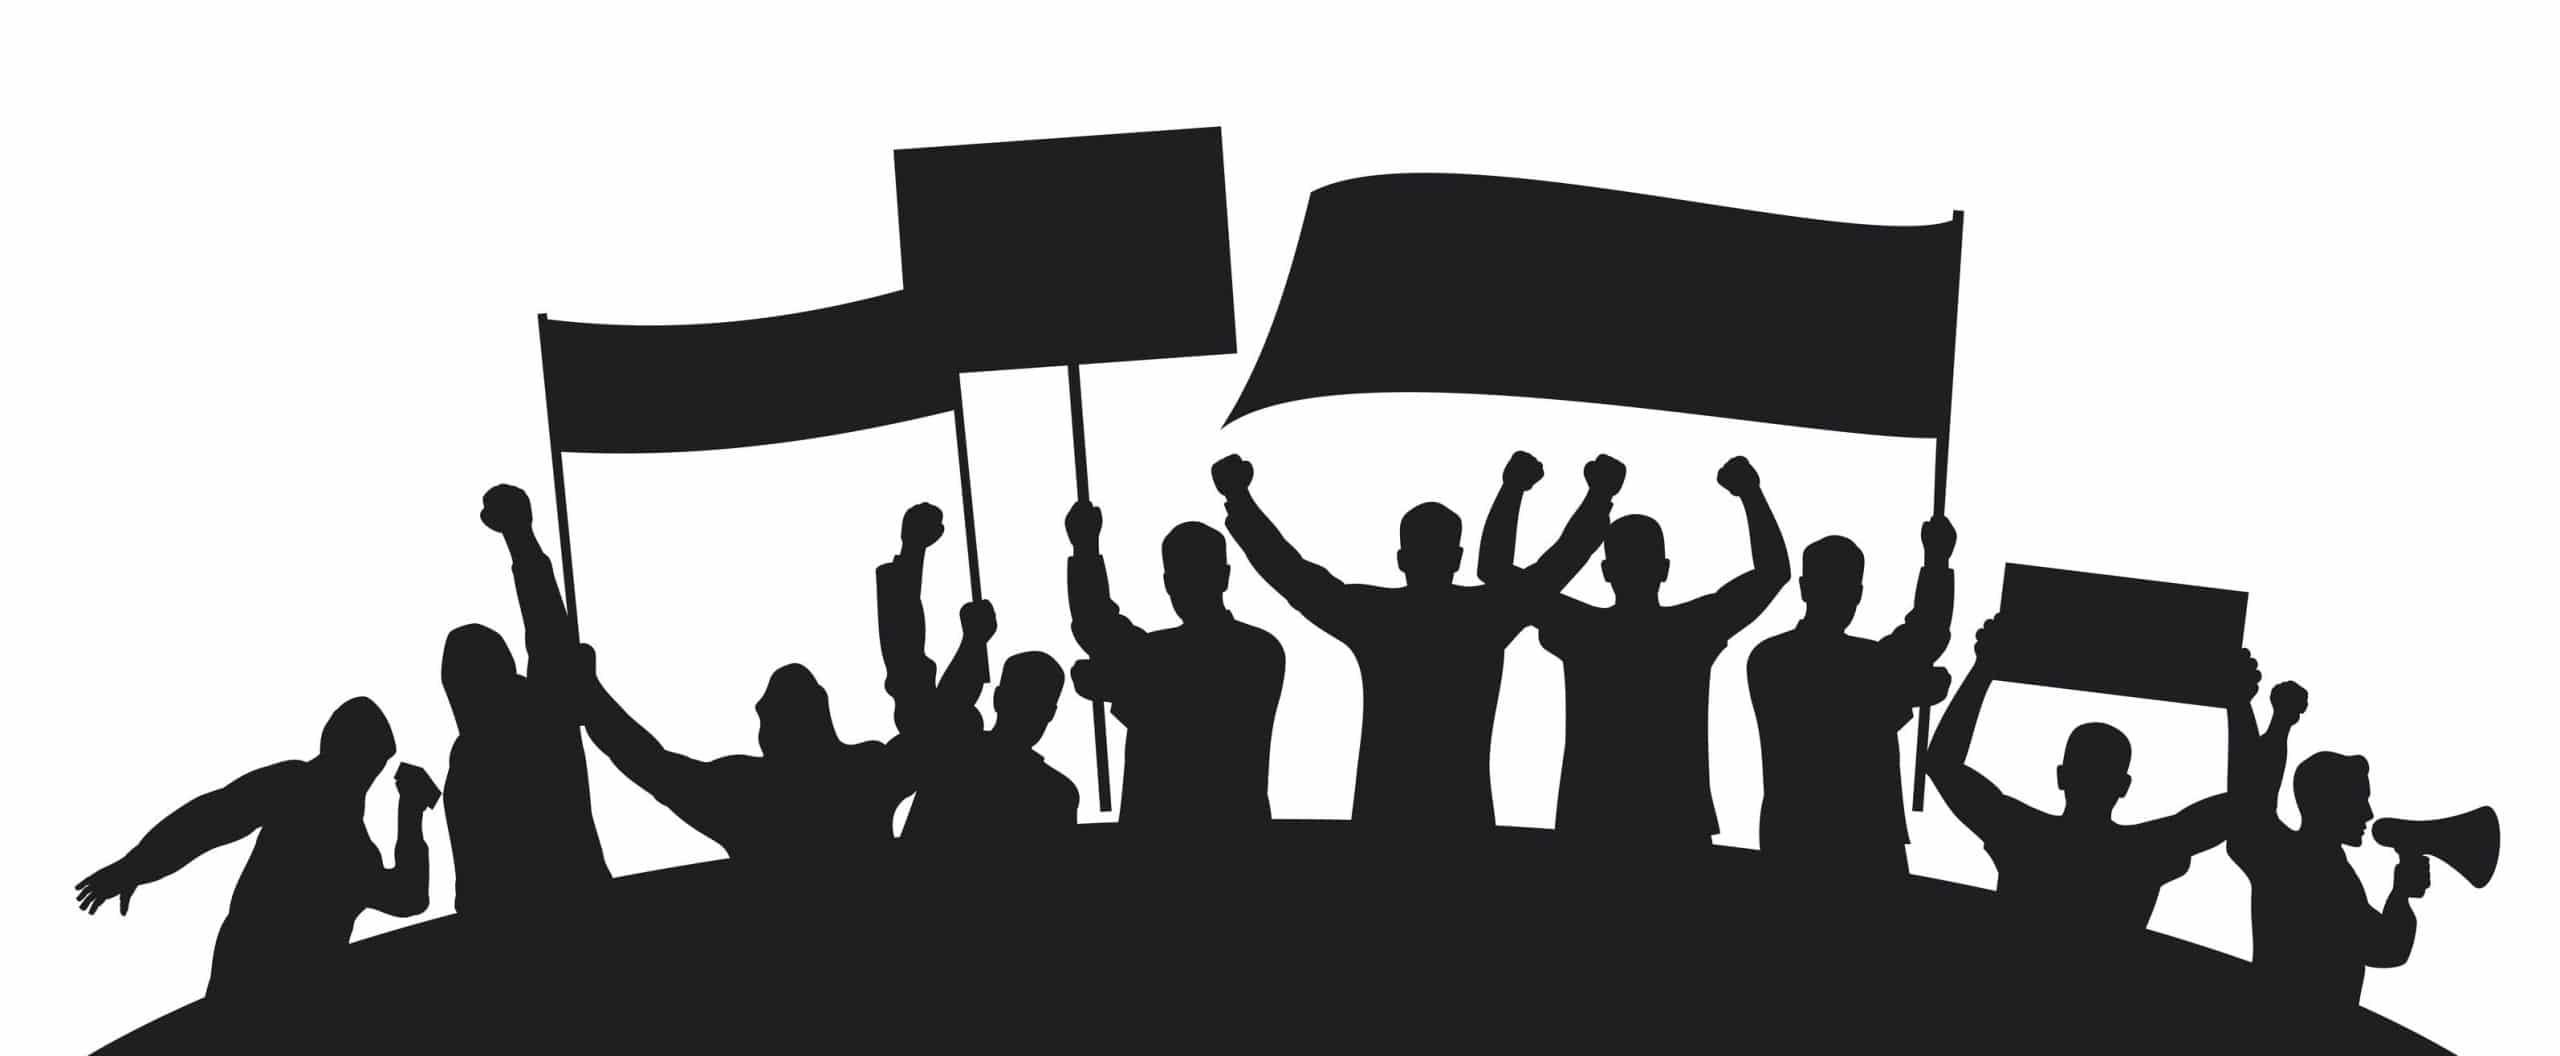 desenho de muitas pessoas furiosas protestando com cartazes e bandeiras levantadas.